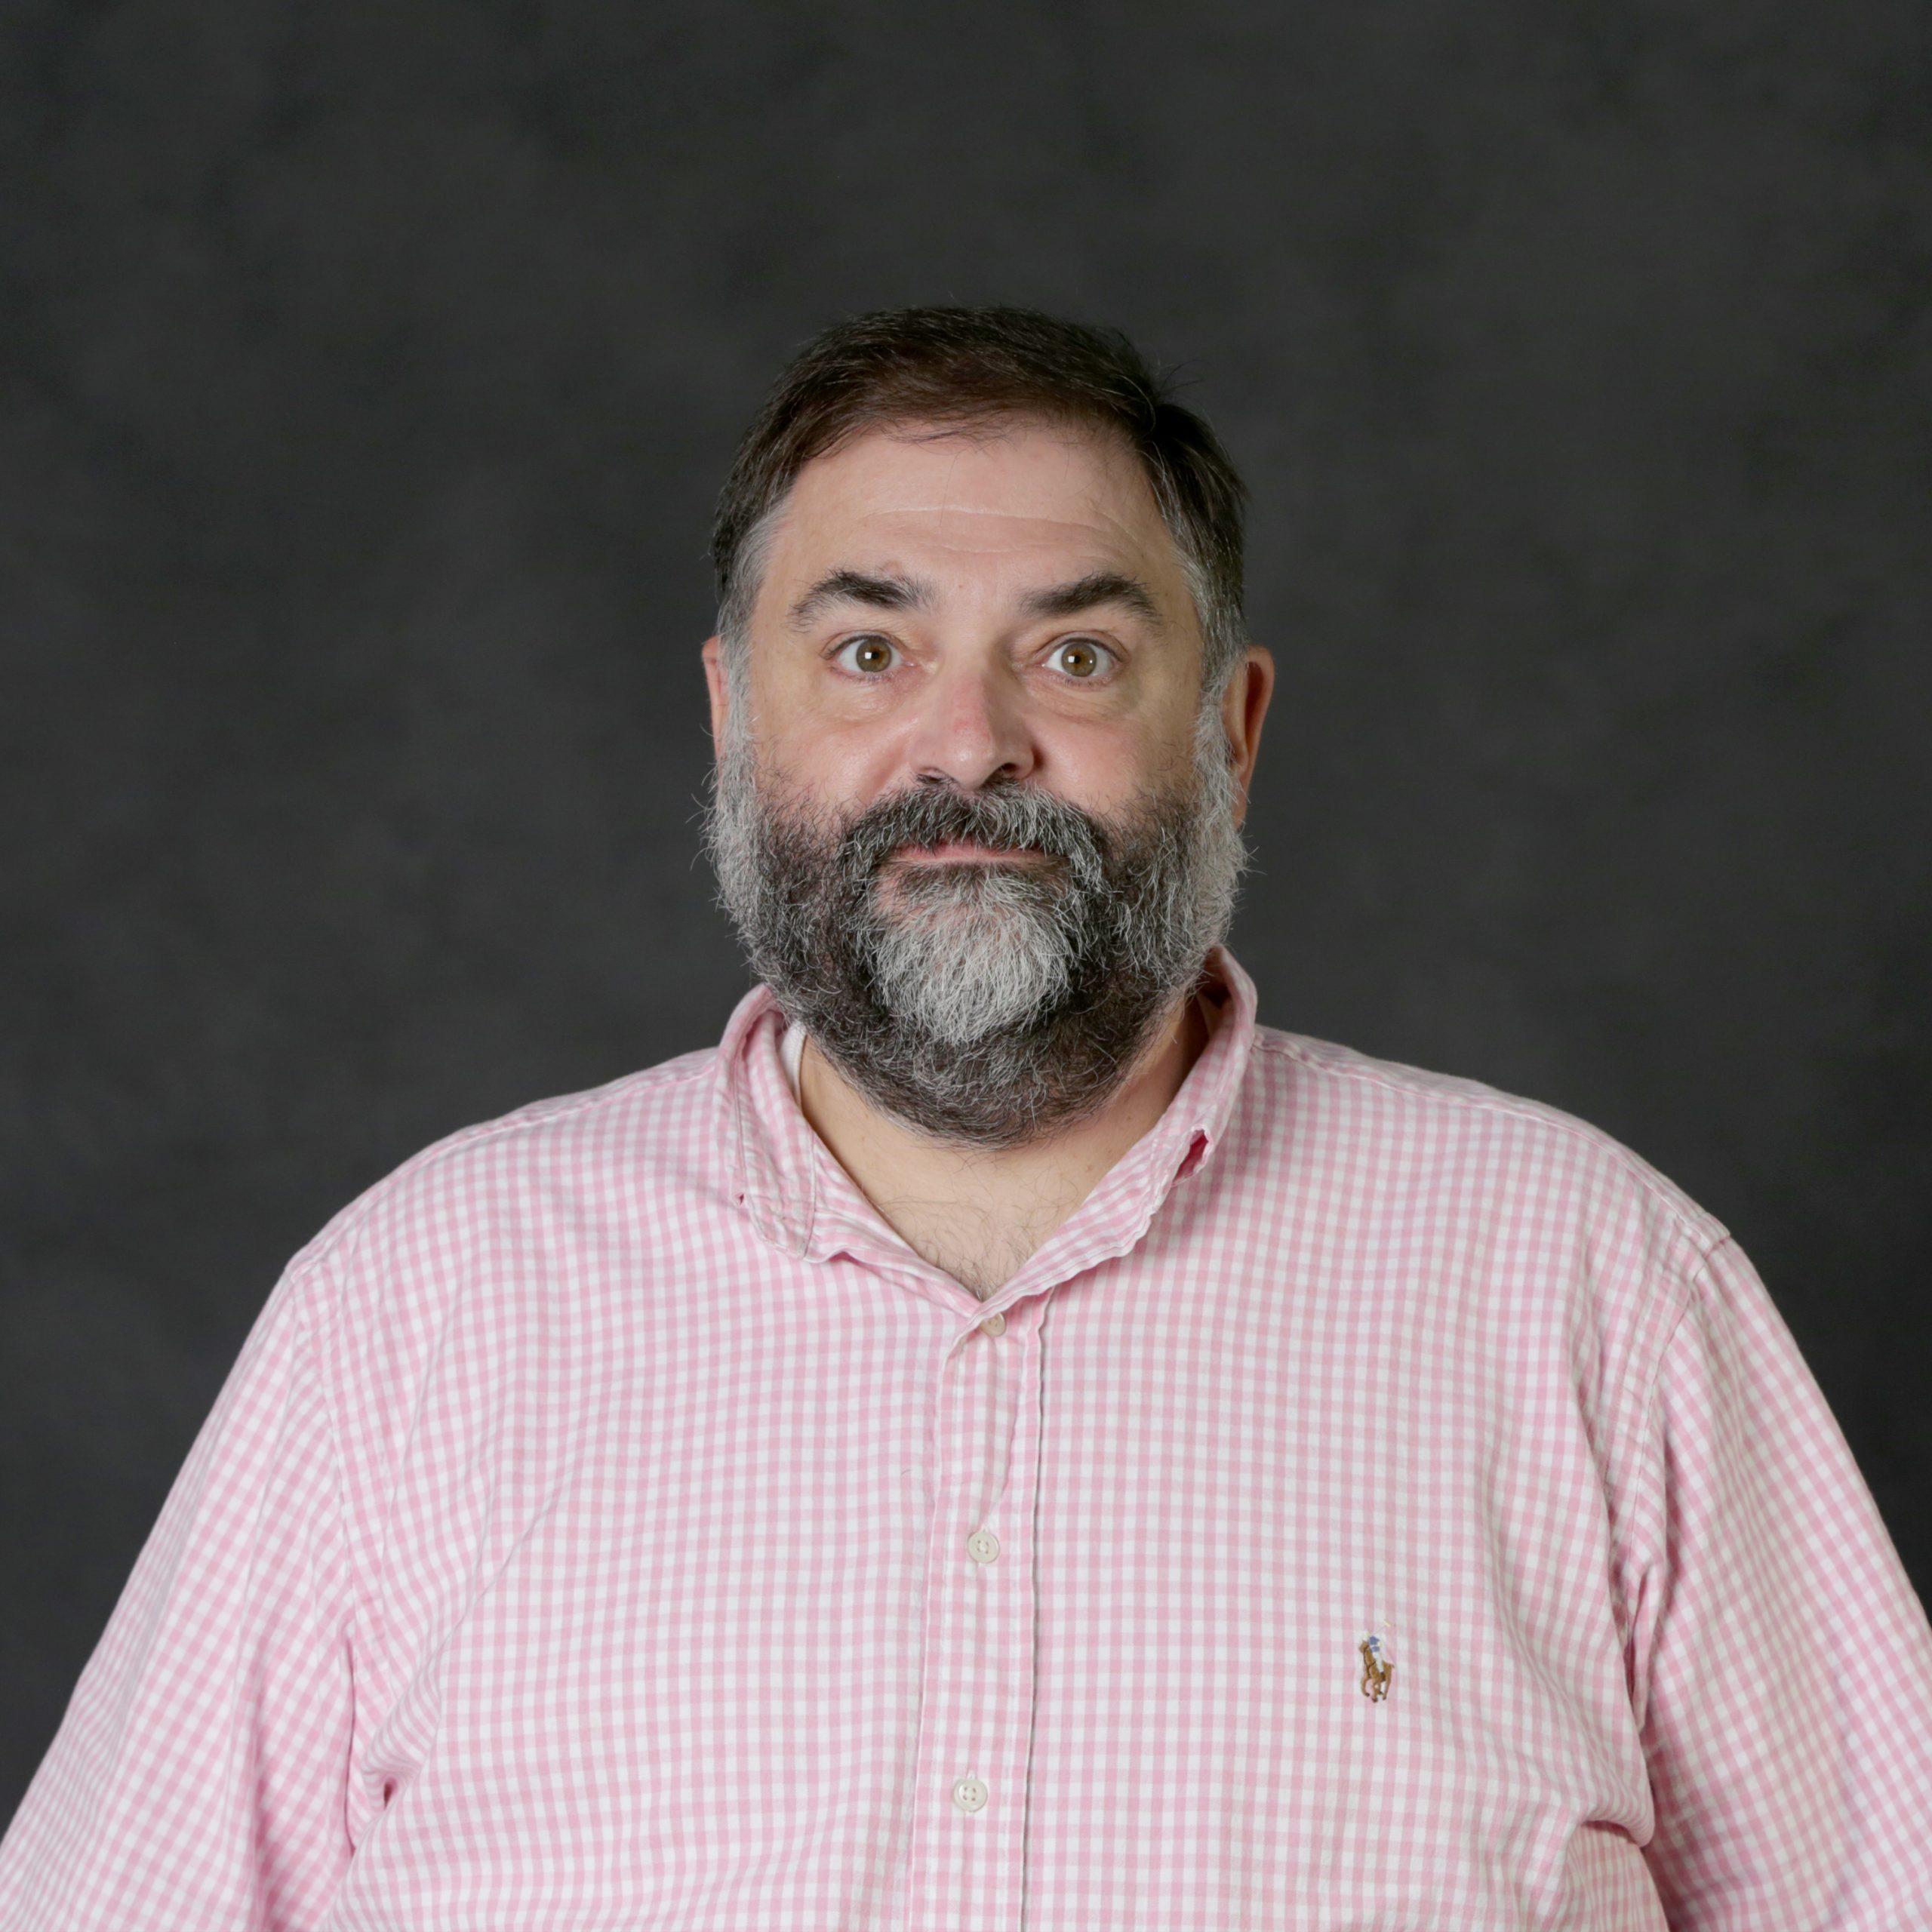 Michael Vertefeuille